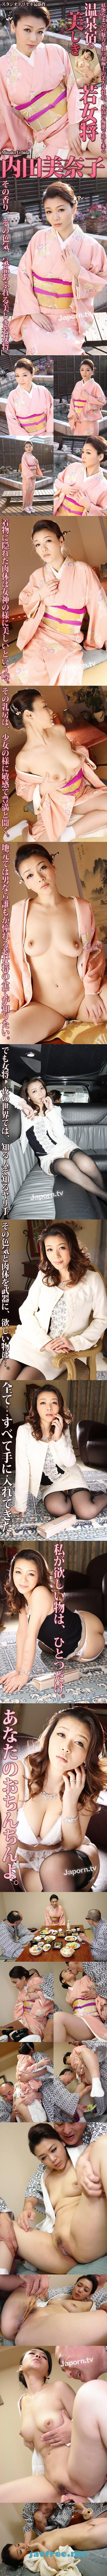 [BT 100] Beautiful Young Okami : Minako Uchida 内田美奈子 Minako Uchida BT